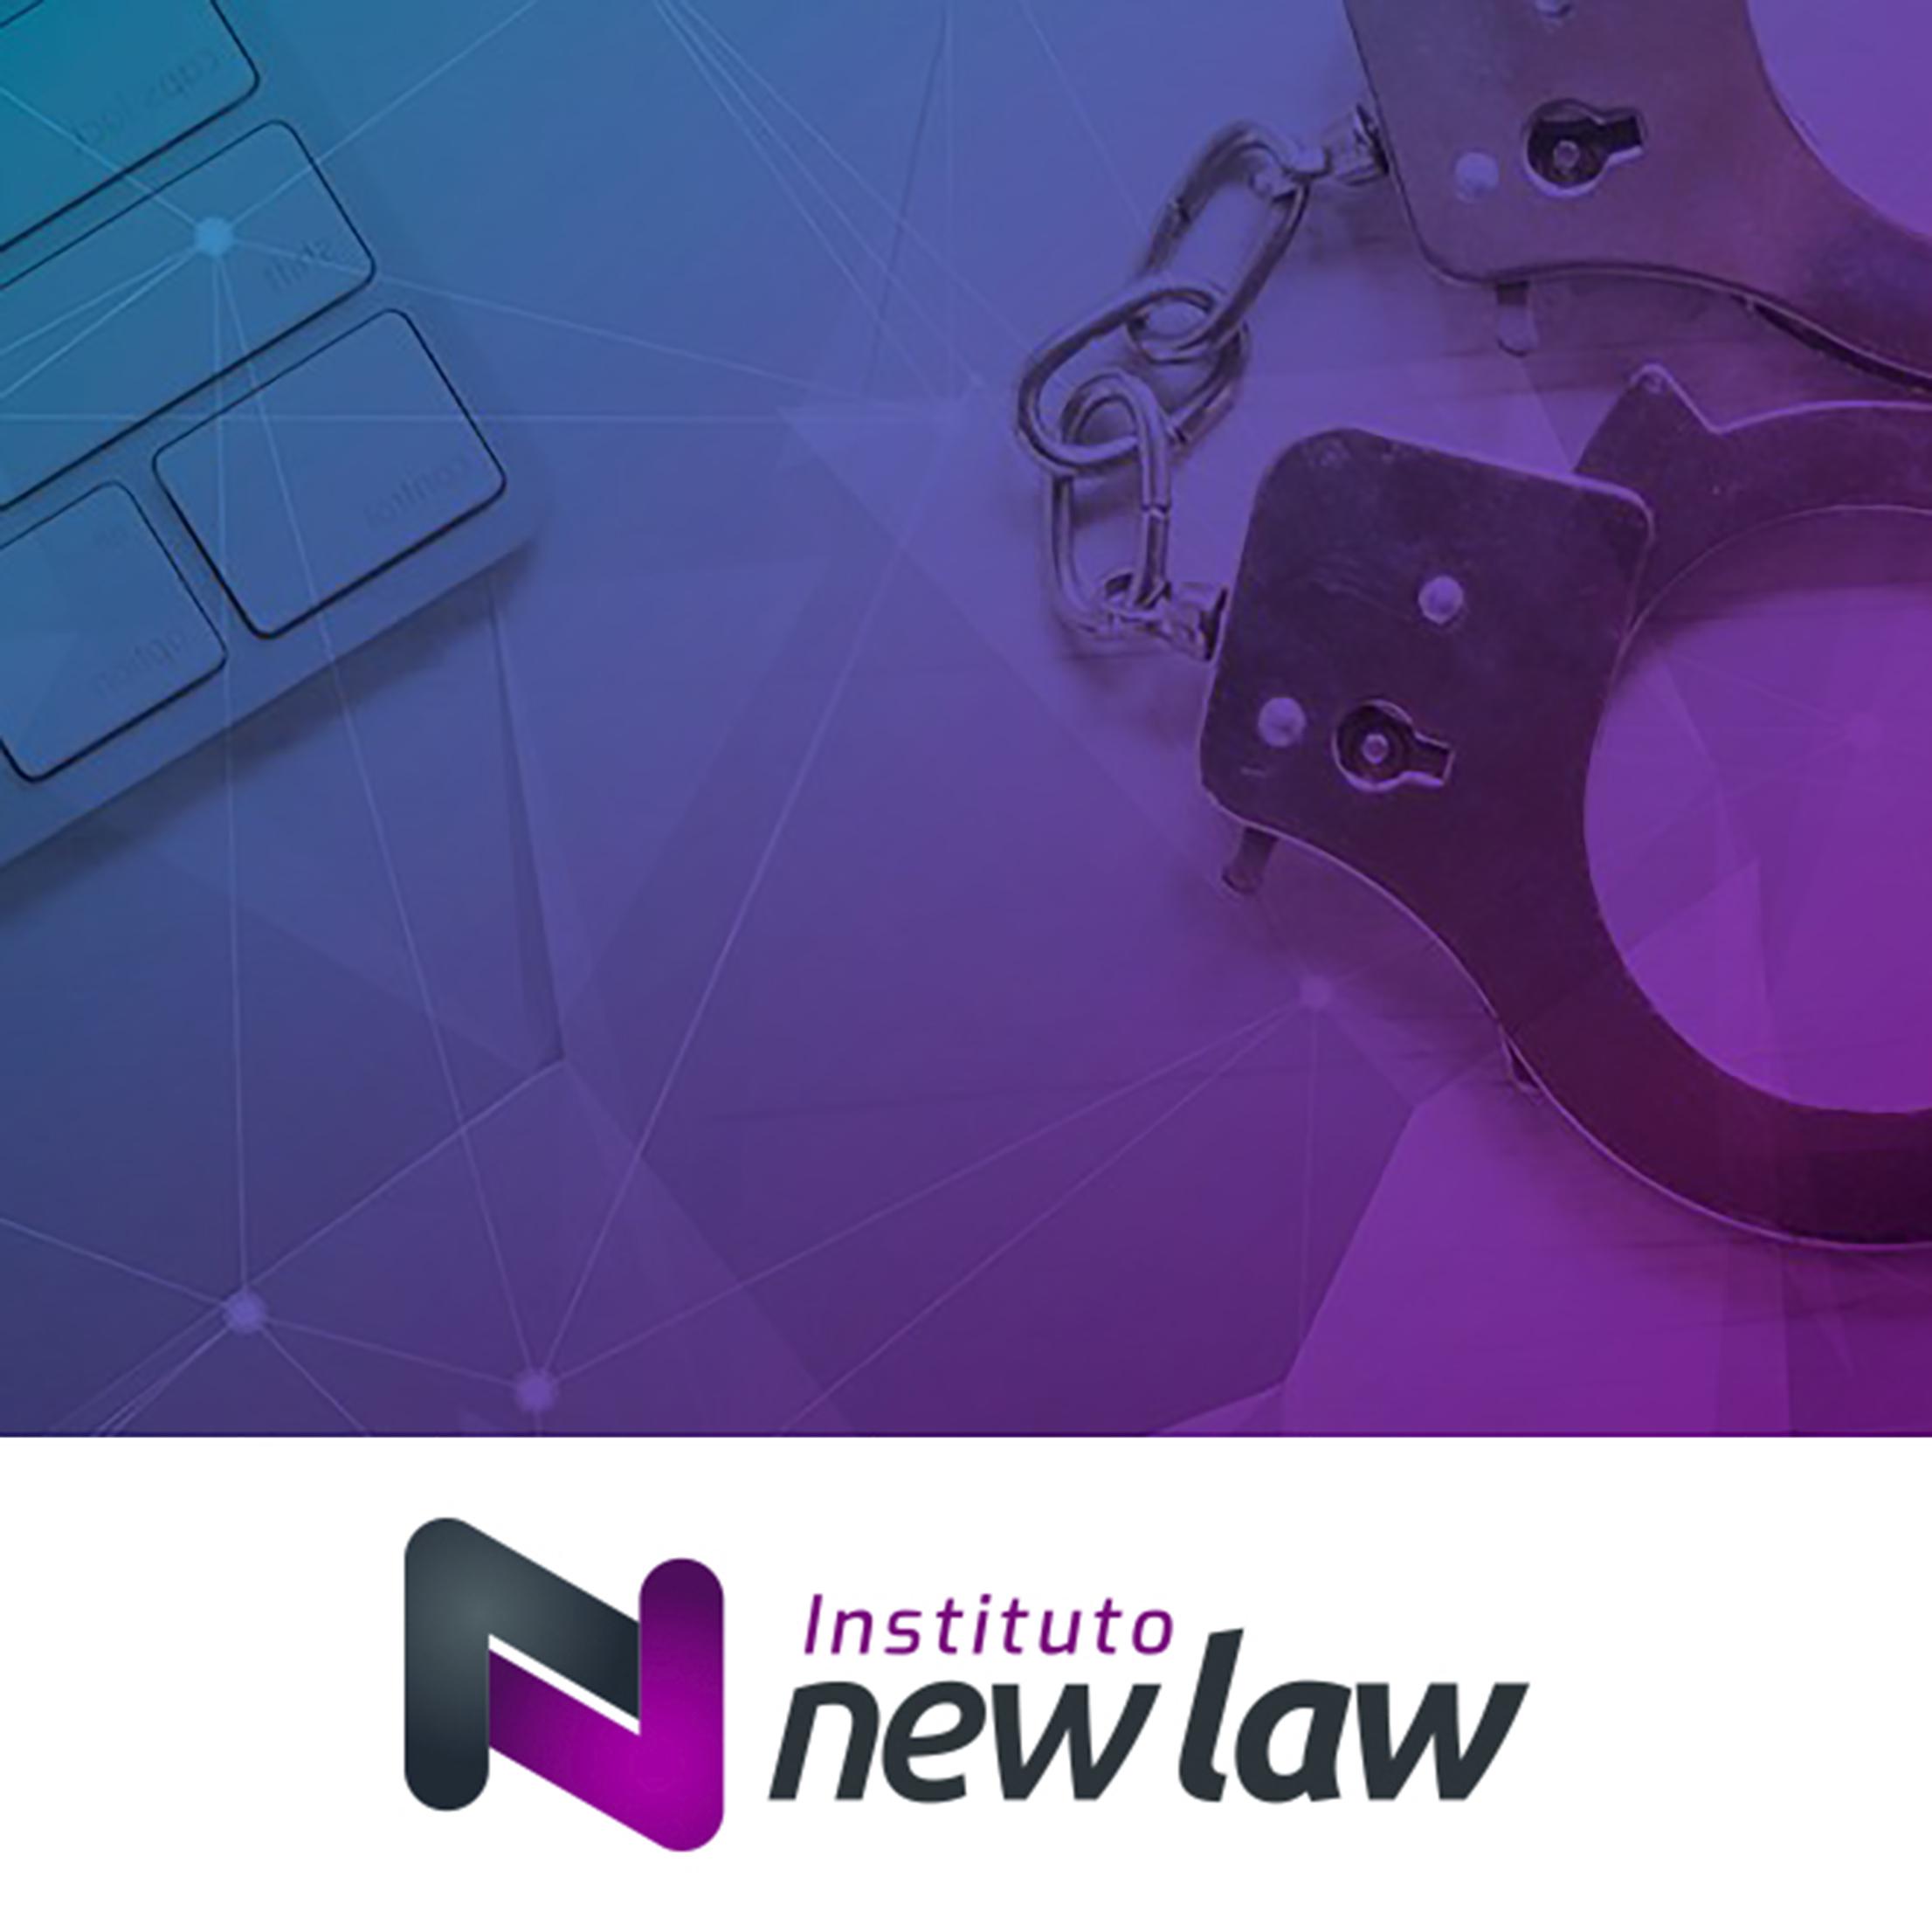 Pós em Direito Penal, Anticorrupção e Compliance - Instituto New Law